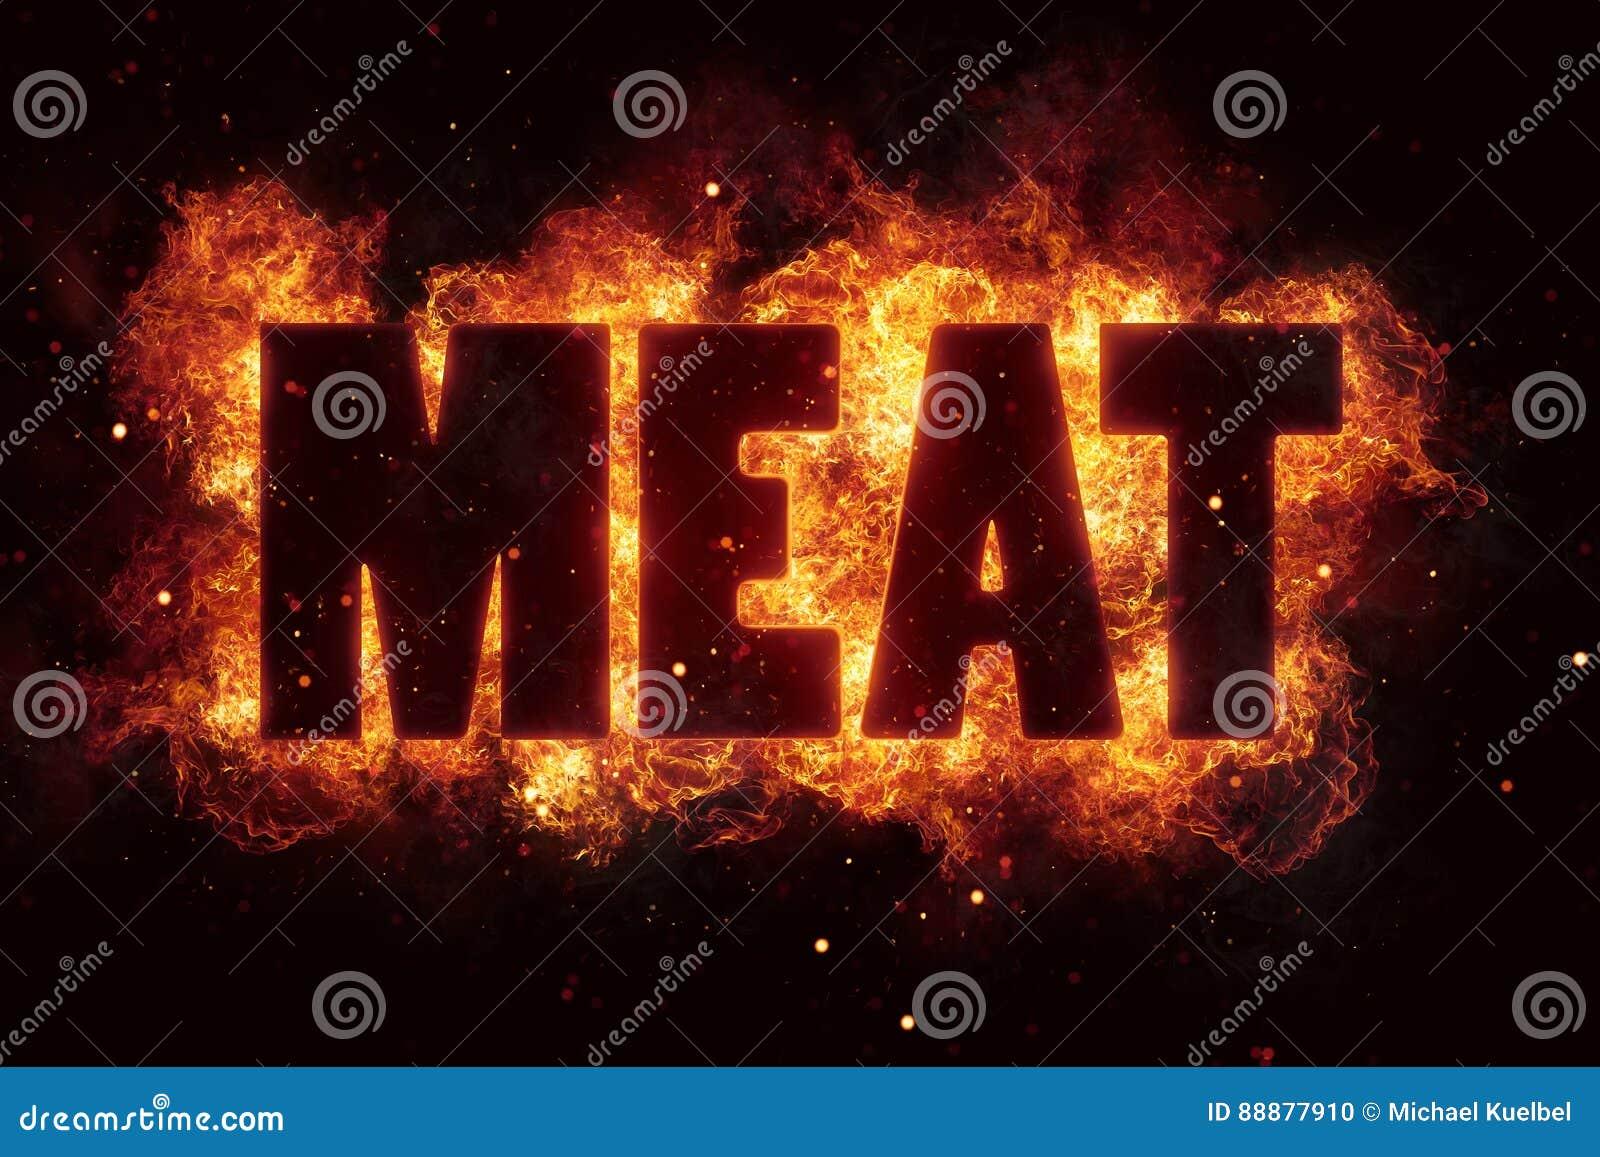 Mięsa bbq grilla przyjęcia tekst na ogieniu płonie wybuch